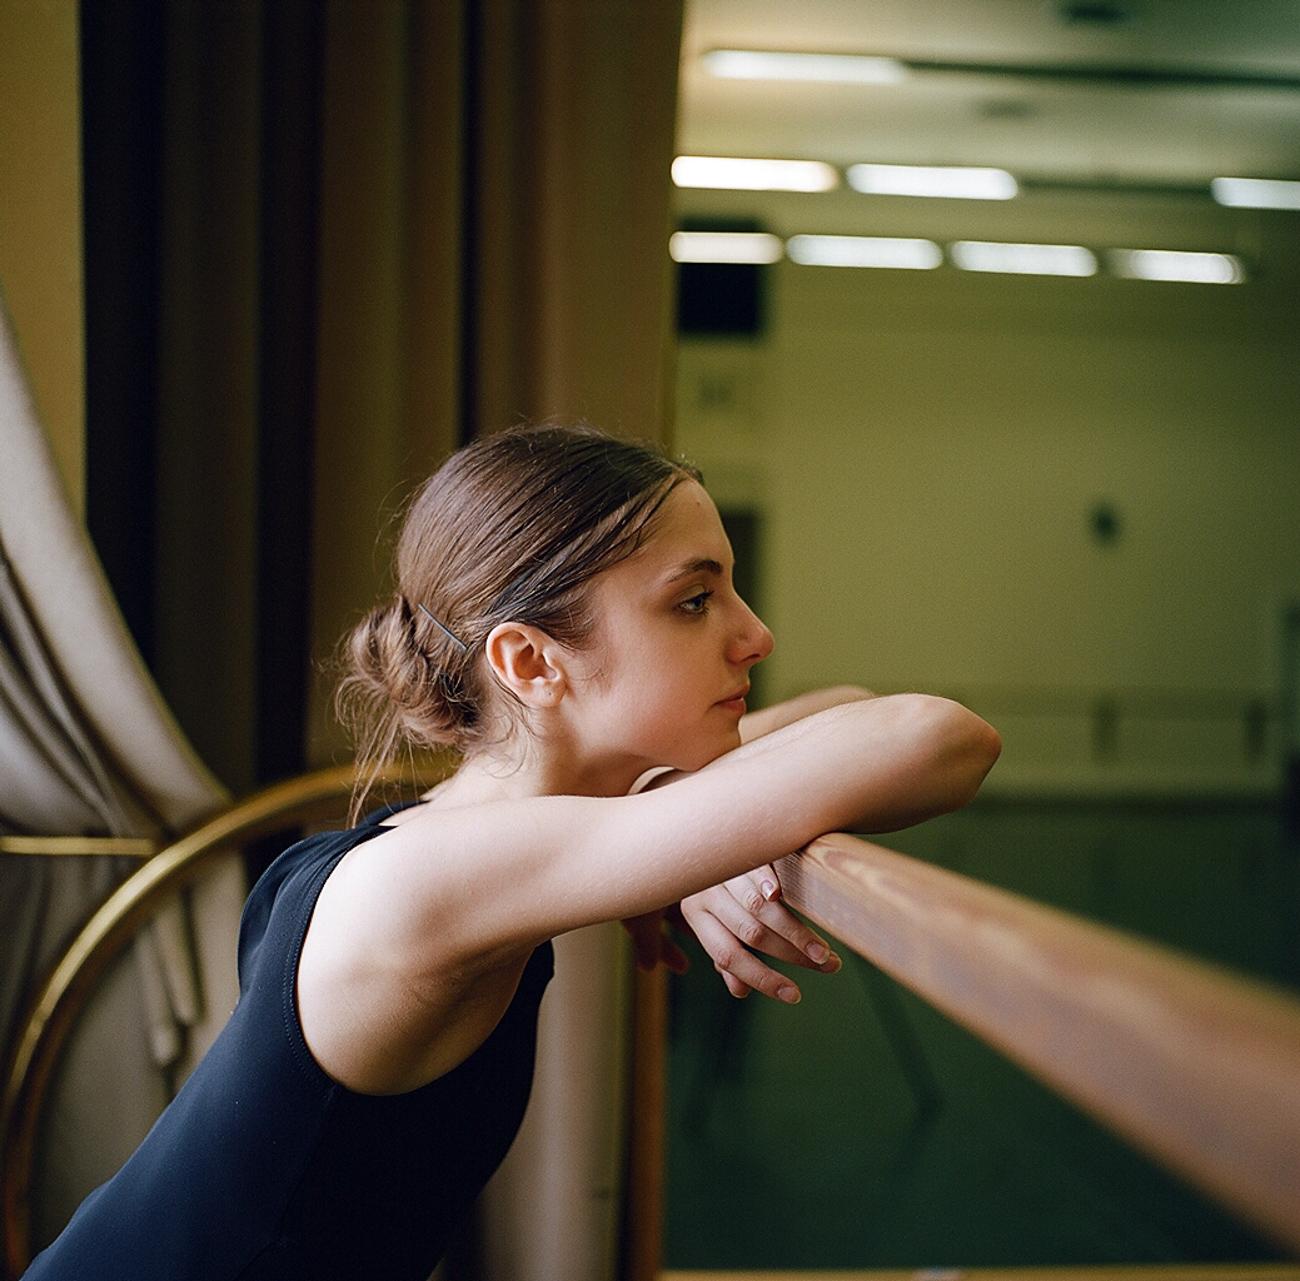 Gli allievi del Bolshoj trascorrono buona parte delle proprie giornate all'interno di questo tempio russo del balletto, sognando di diventare un giorno come Maya Plisetskaya o Nikolaj Tsiskaridze